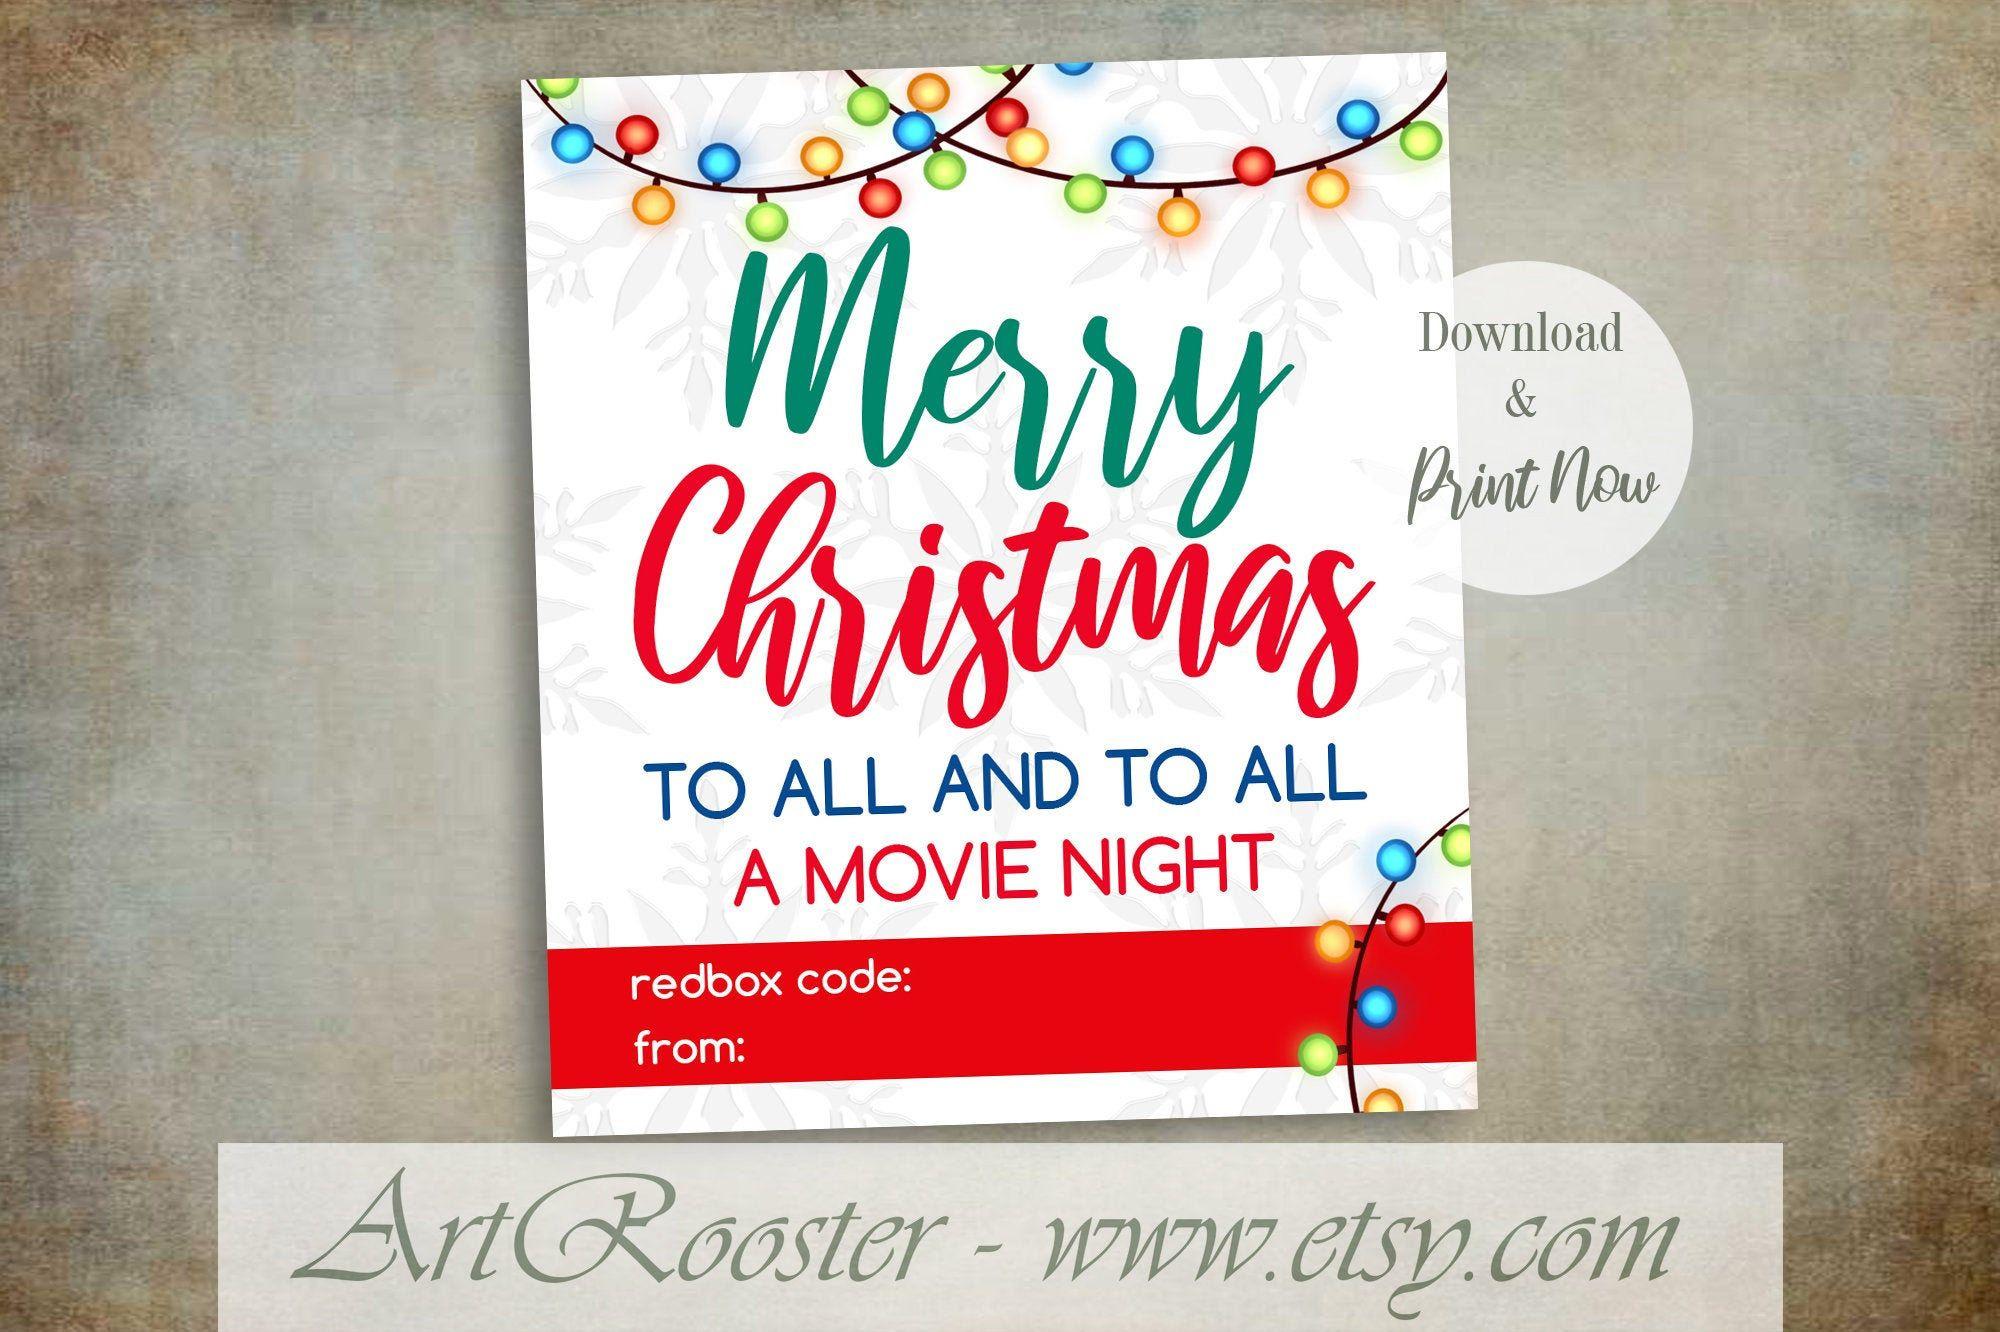 Printableredboxgiftcard Printableredboxchristmas with Best Movie Gift Certificate Template